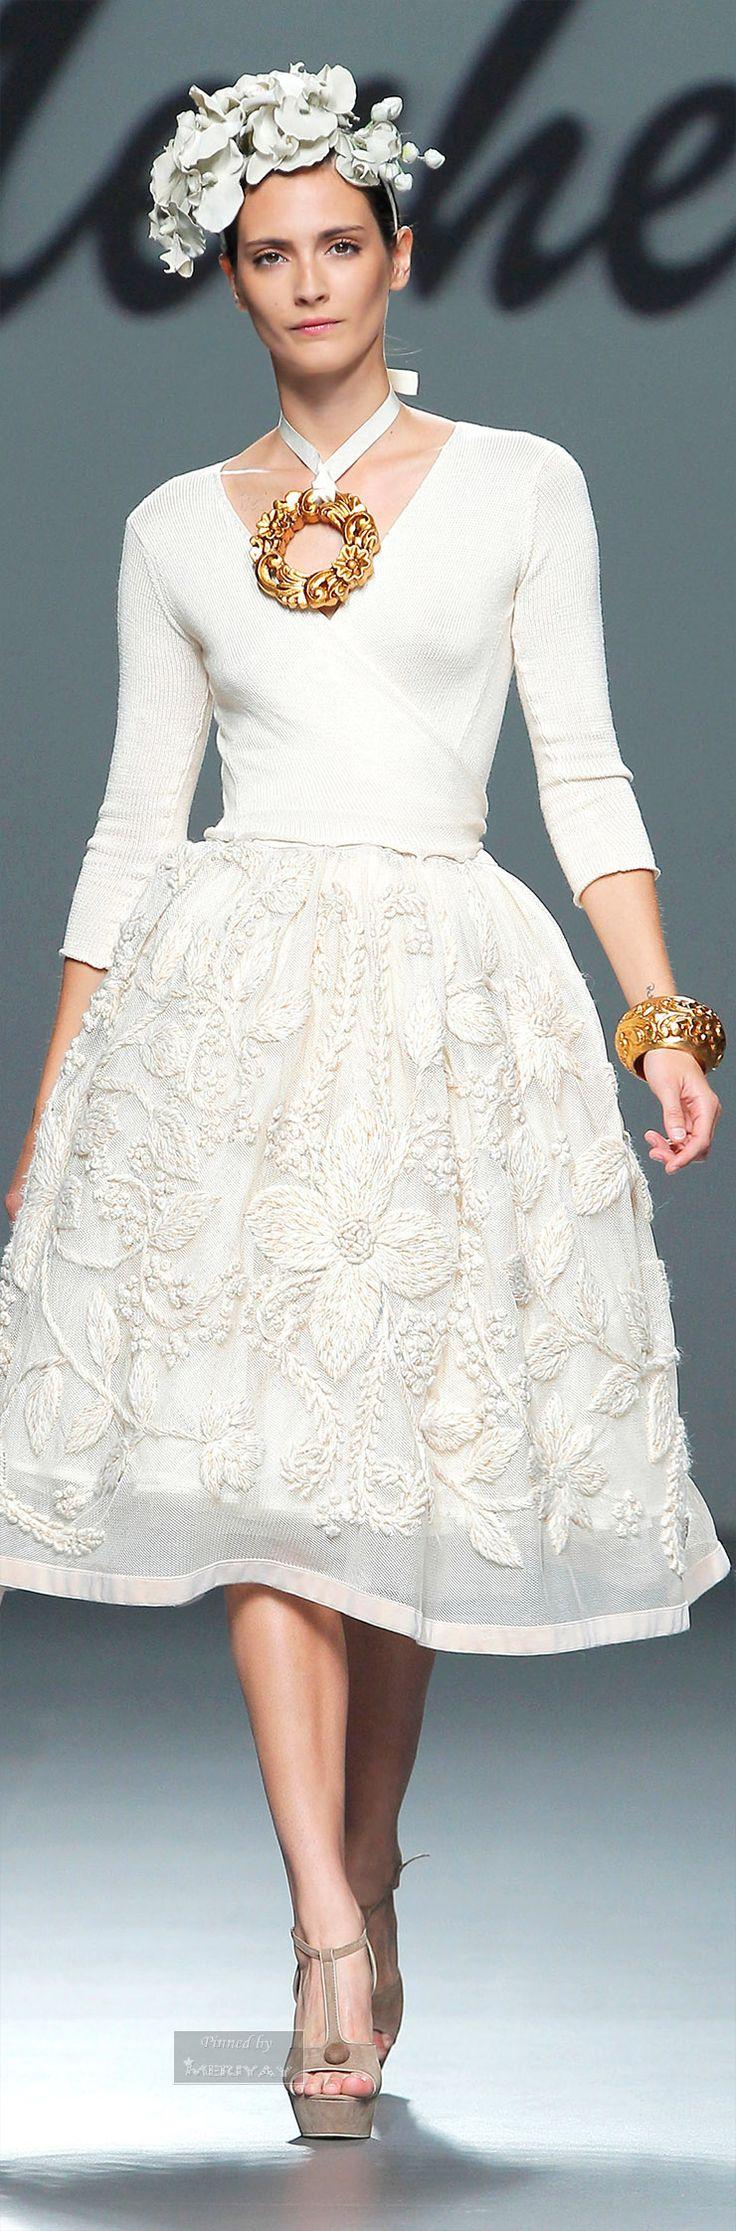 Sophisticated Style  Serafini Amelia  Meche Correa